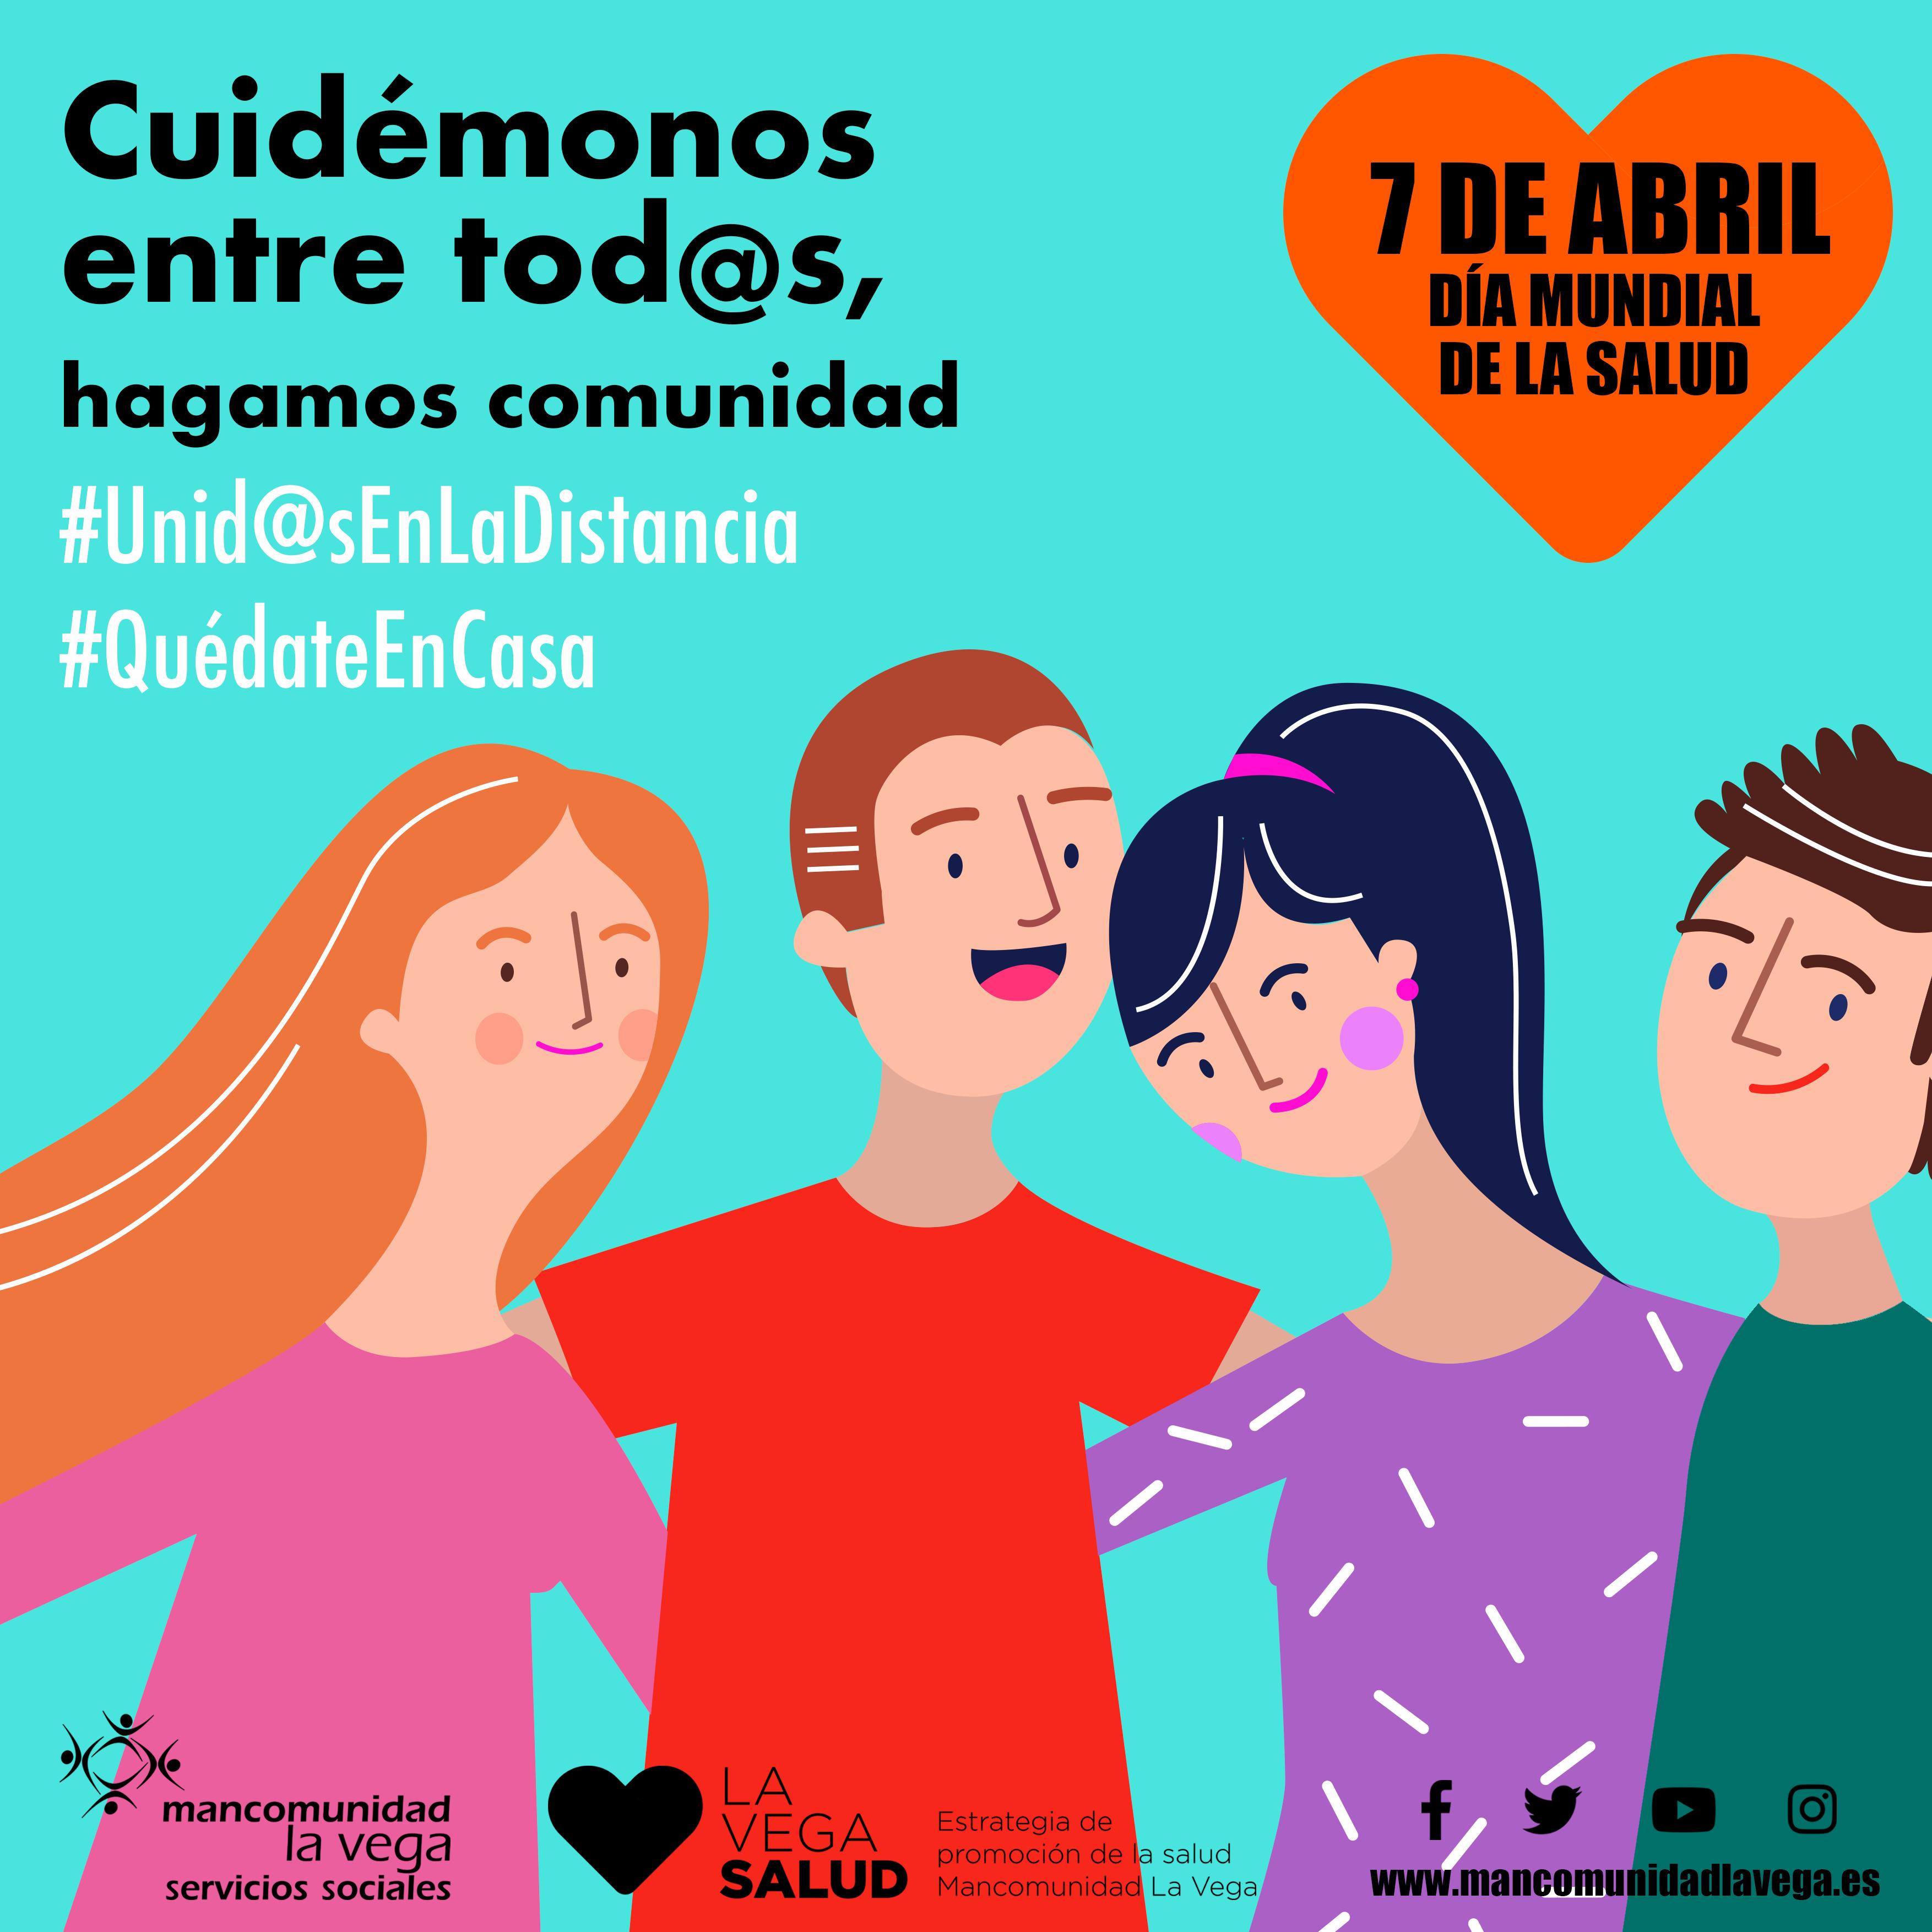 7 de abril. Día mundial de la salud